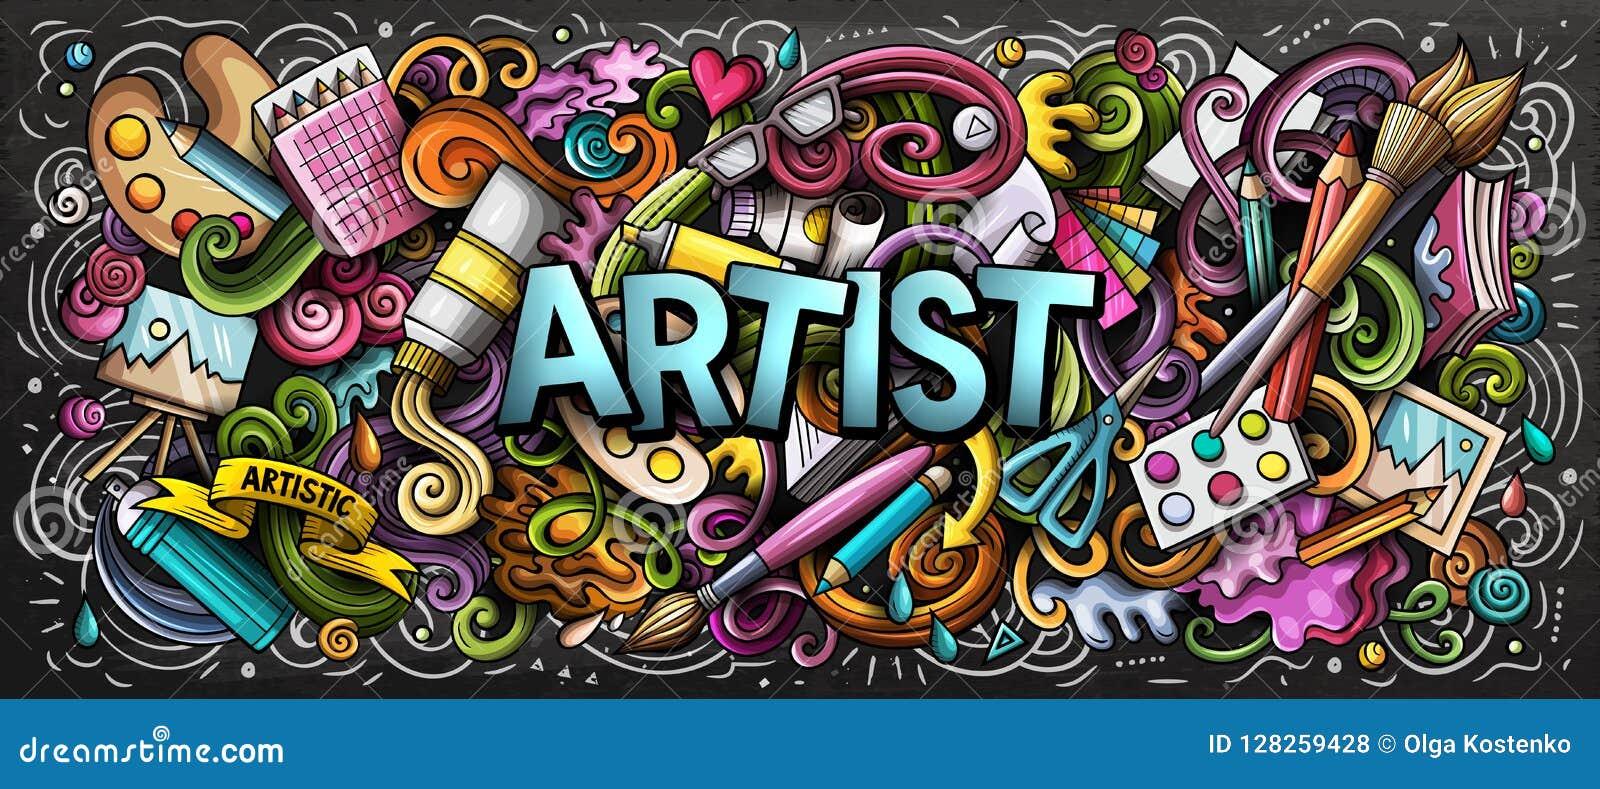 Artysty koloru zaopatrzeniowa ilustracja Wizualnych sztuk doodles Obraz i rysunkowy sztuki tło